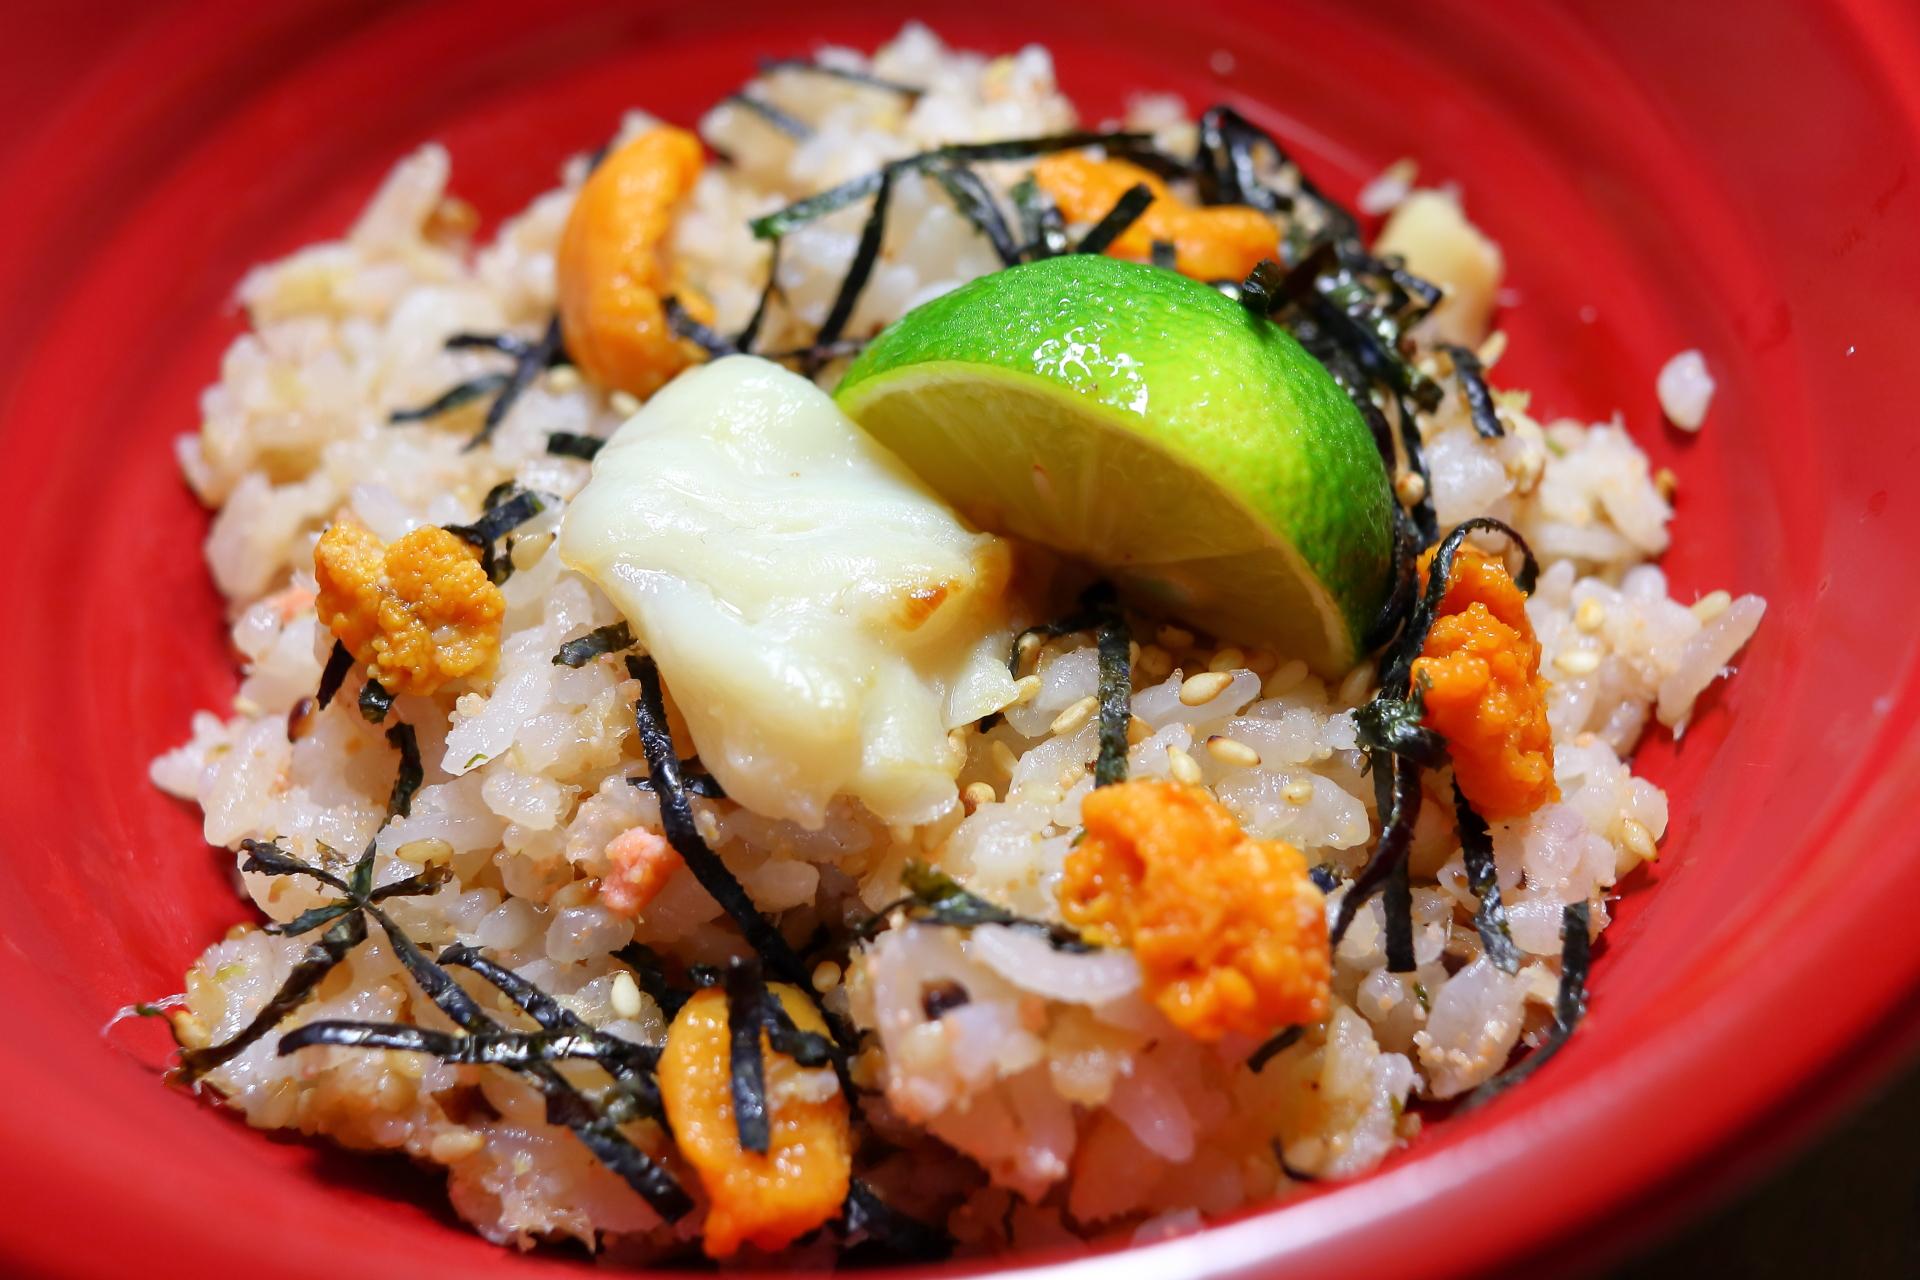 淡路鯛と由良雲丹の絶品まぜご飯―「御食国☓京都」和食の祭典